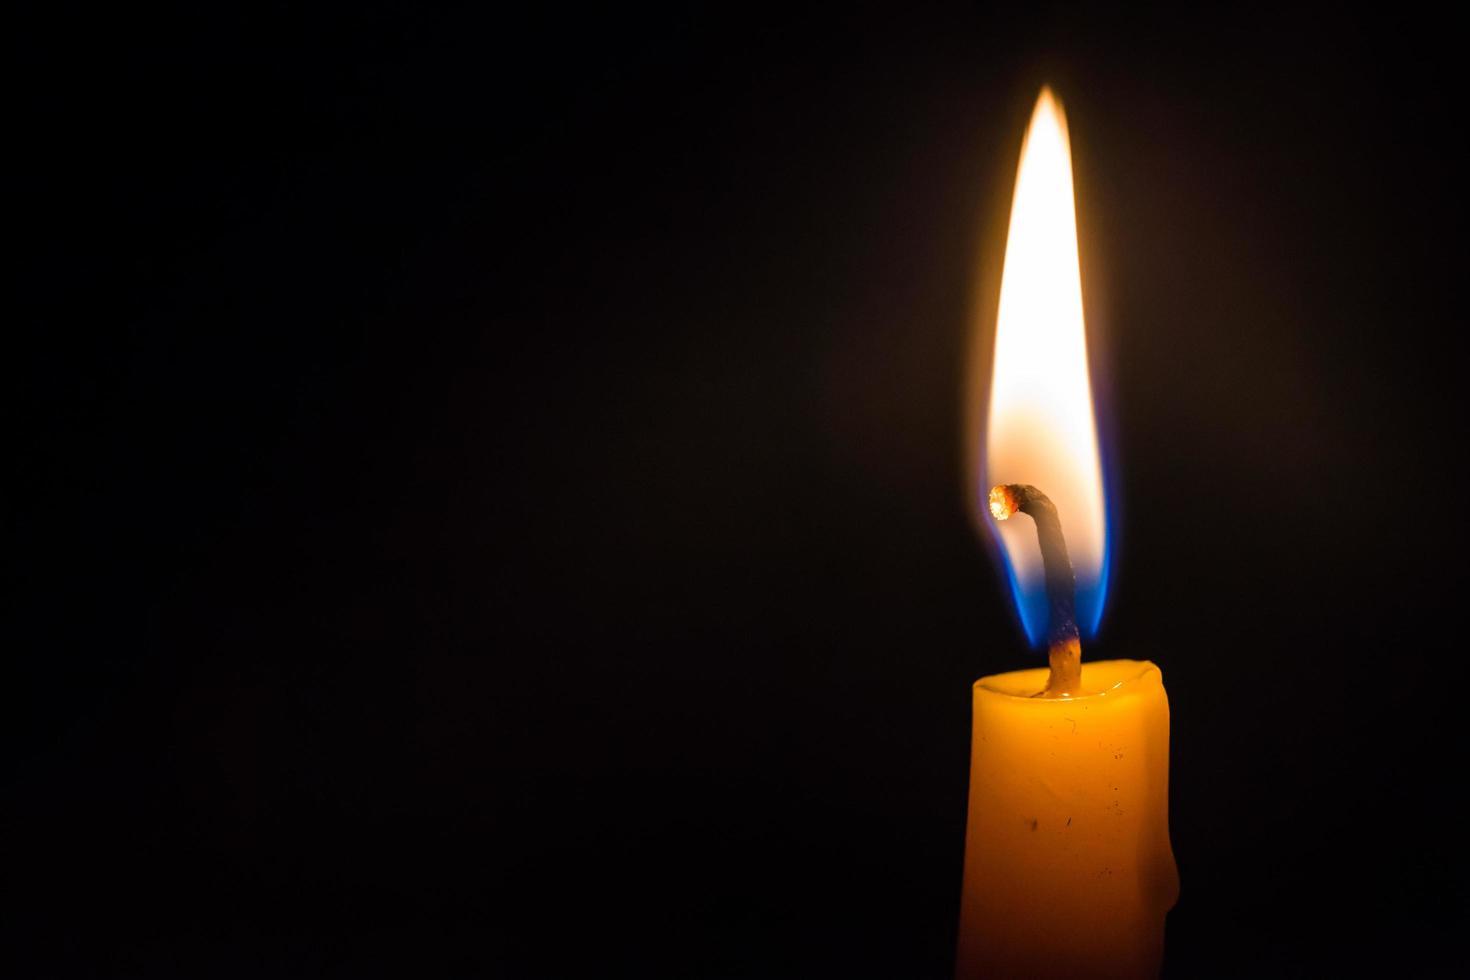 vicino la luce della candela che brucia brillantemente sullo sfondo nero. foto